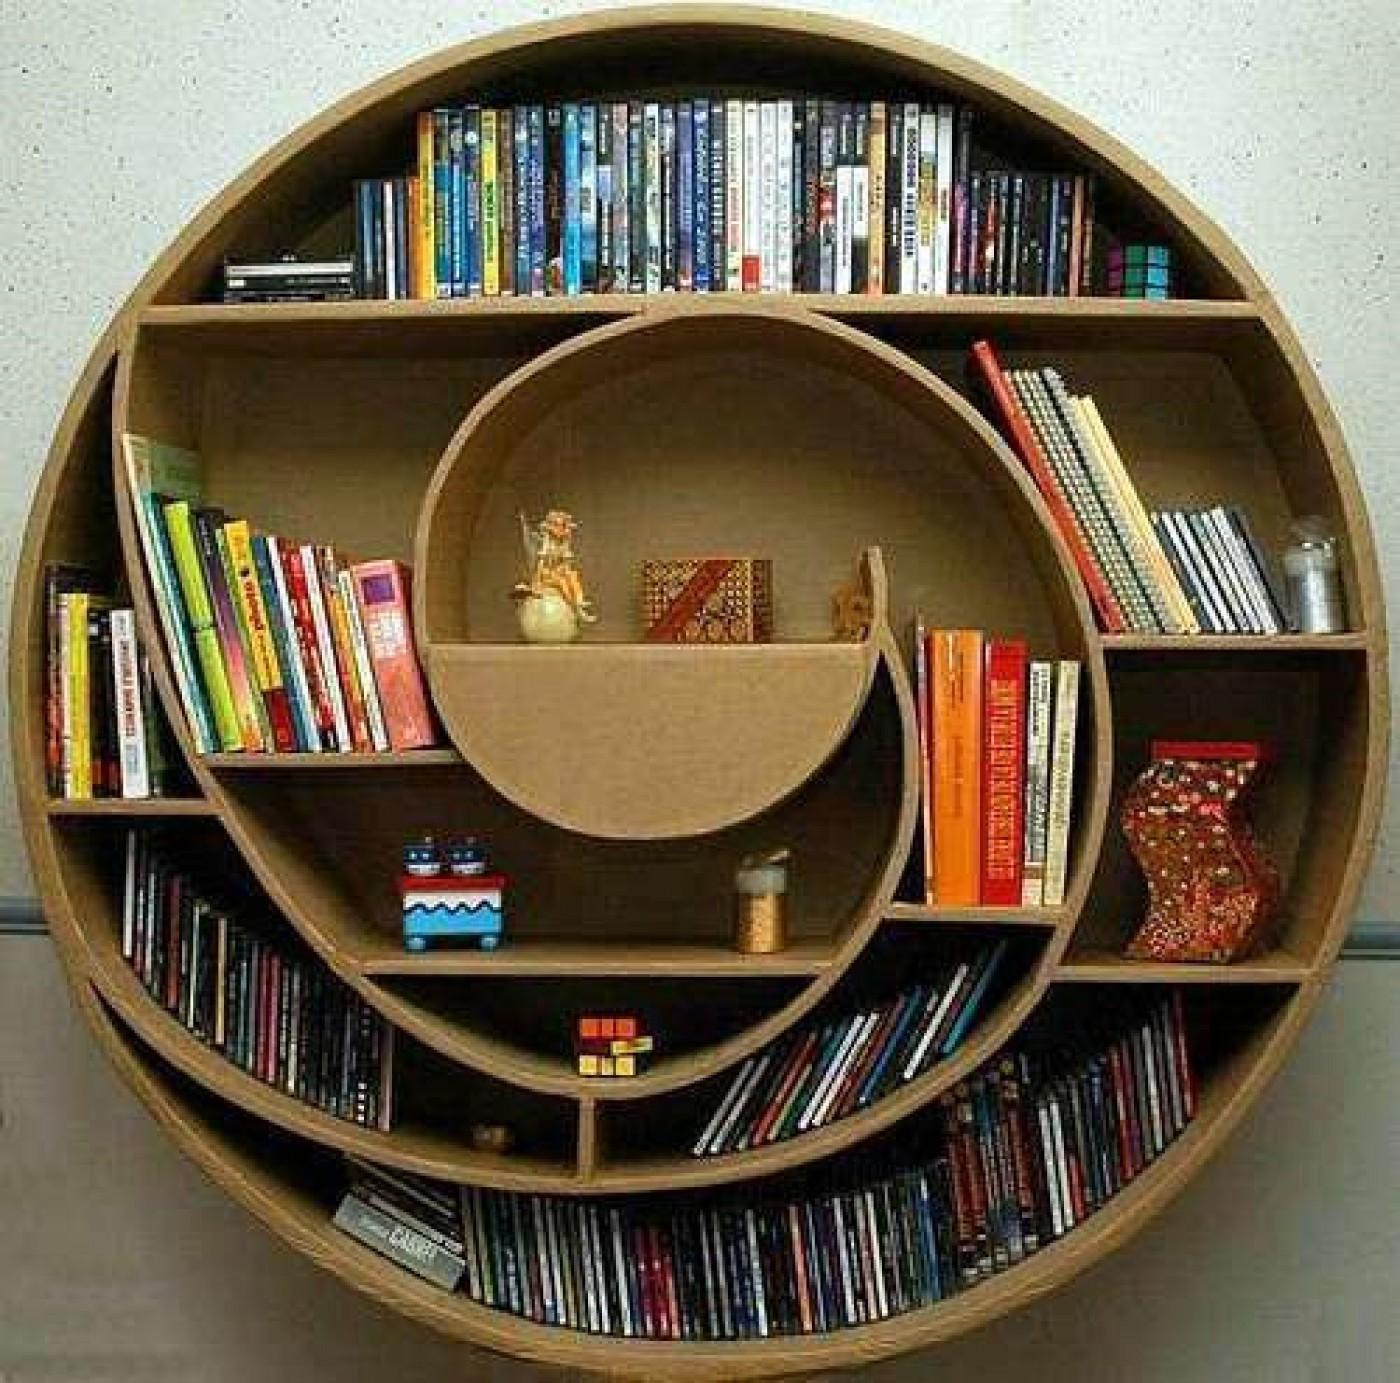 20 mẫu giá sách đẹp xuất sắc dù là người không thích đọc sách cũng muốn có trong nhà - Ảnh 3.